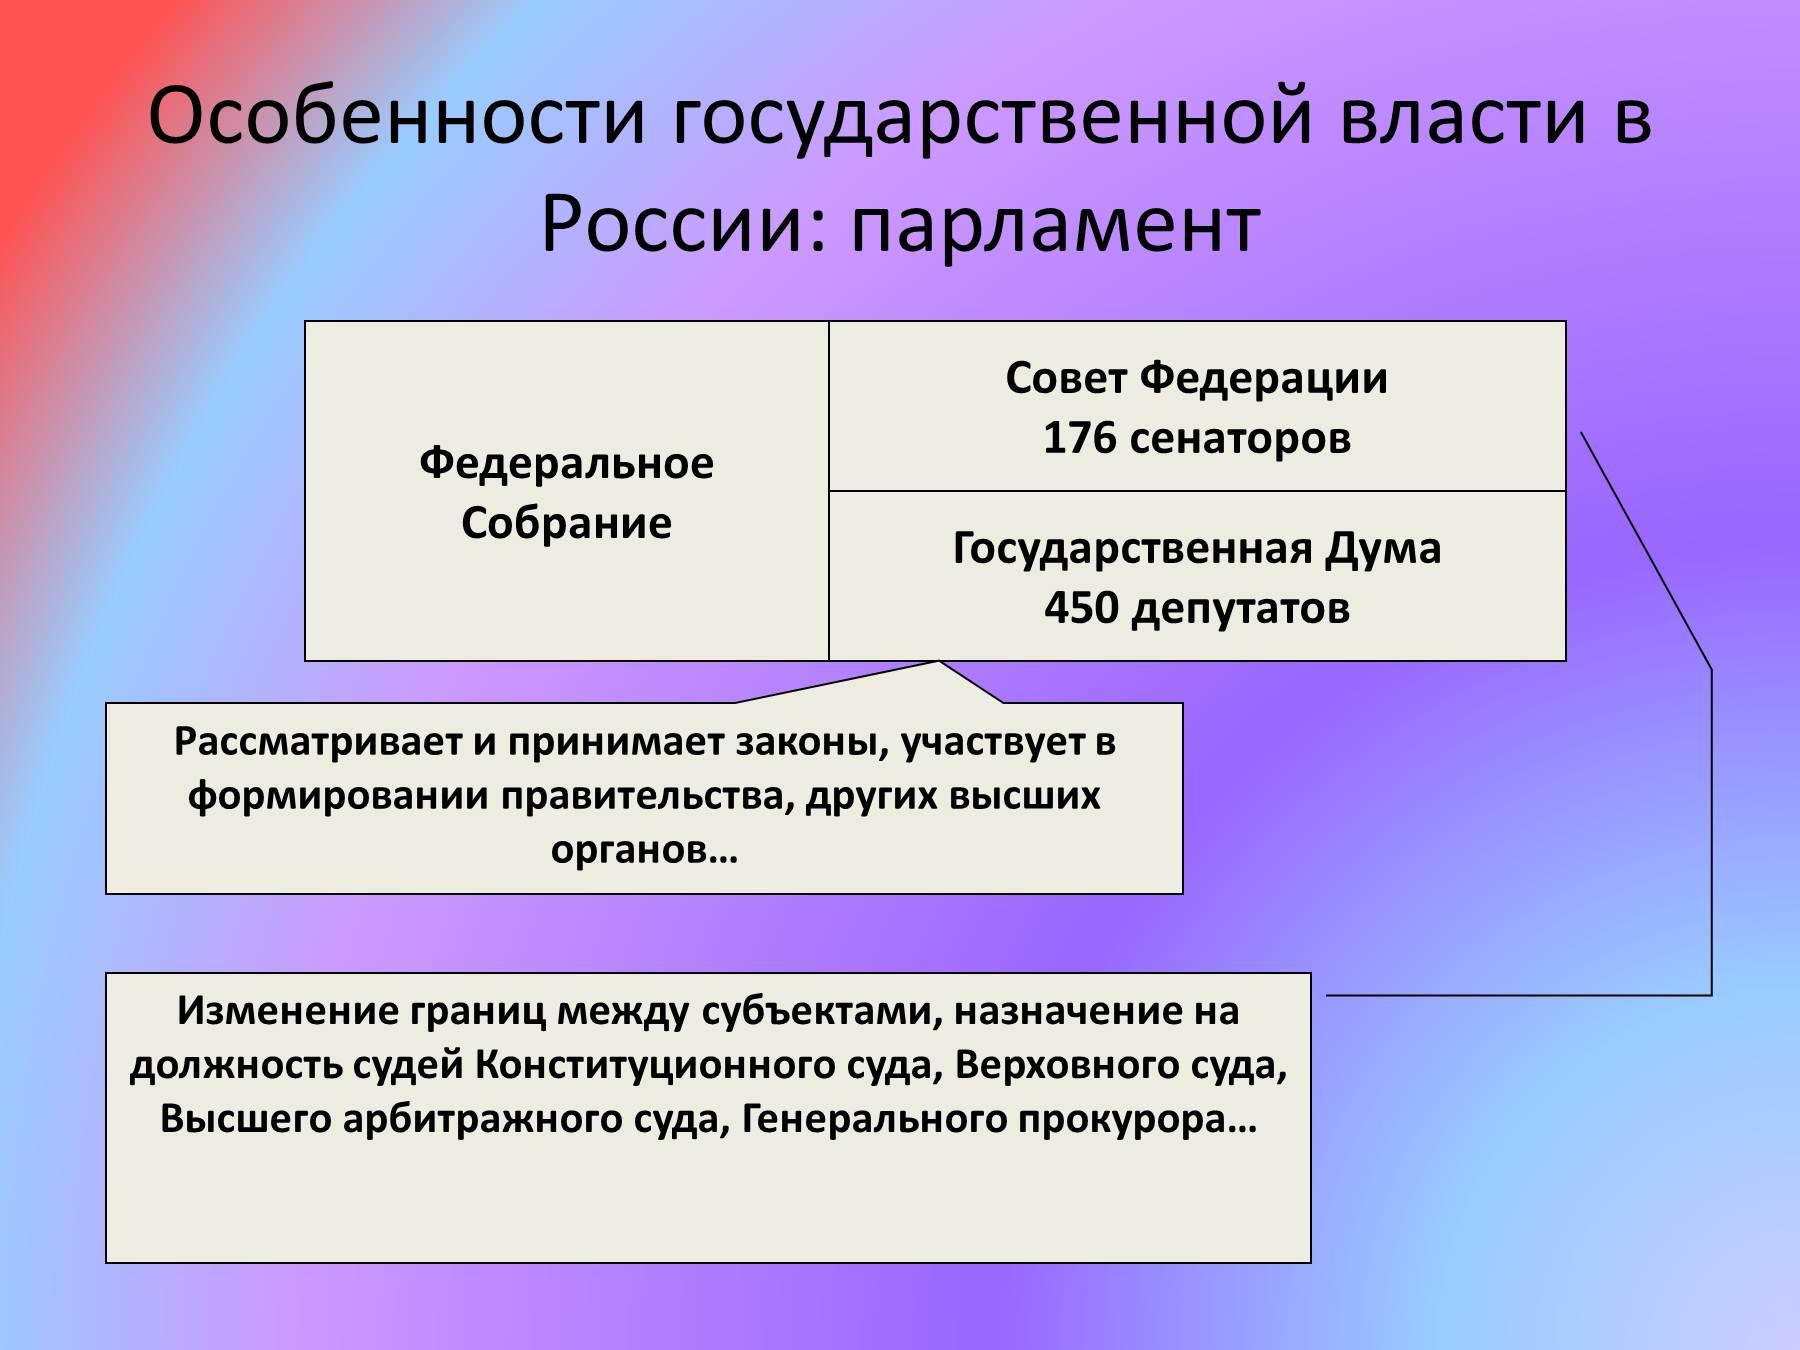 Суды рф схема по конституции